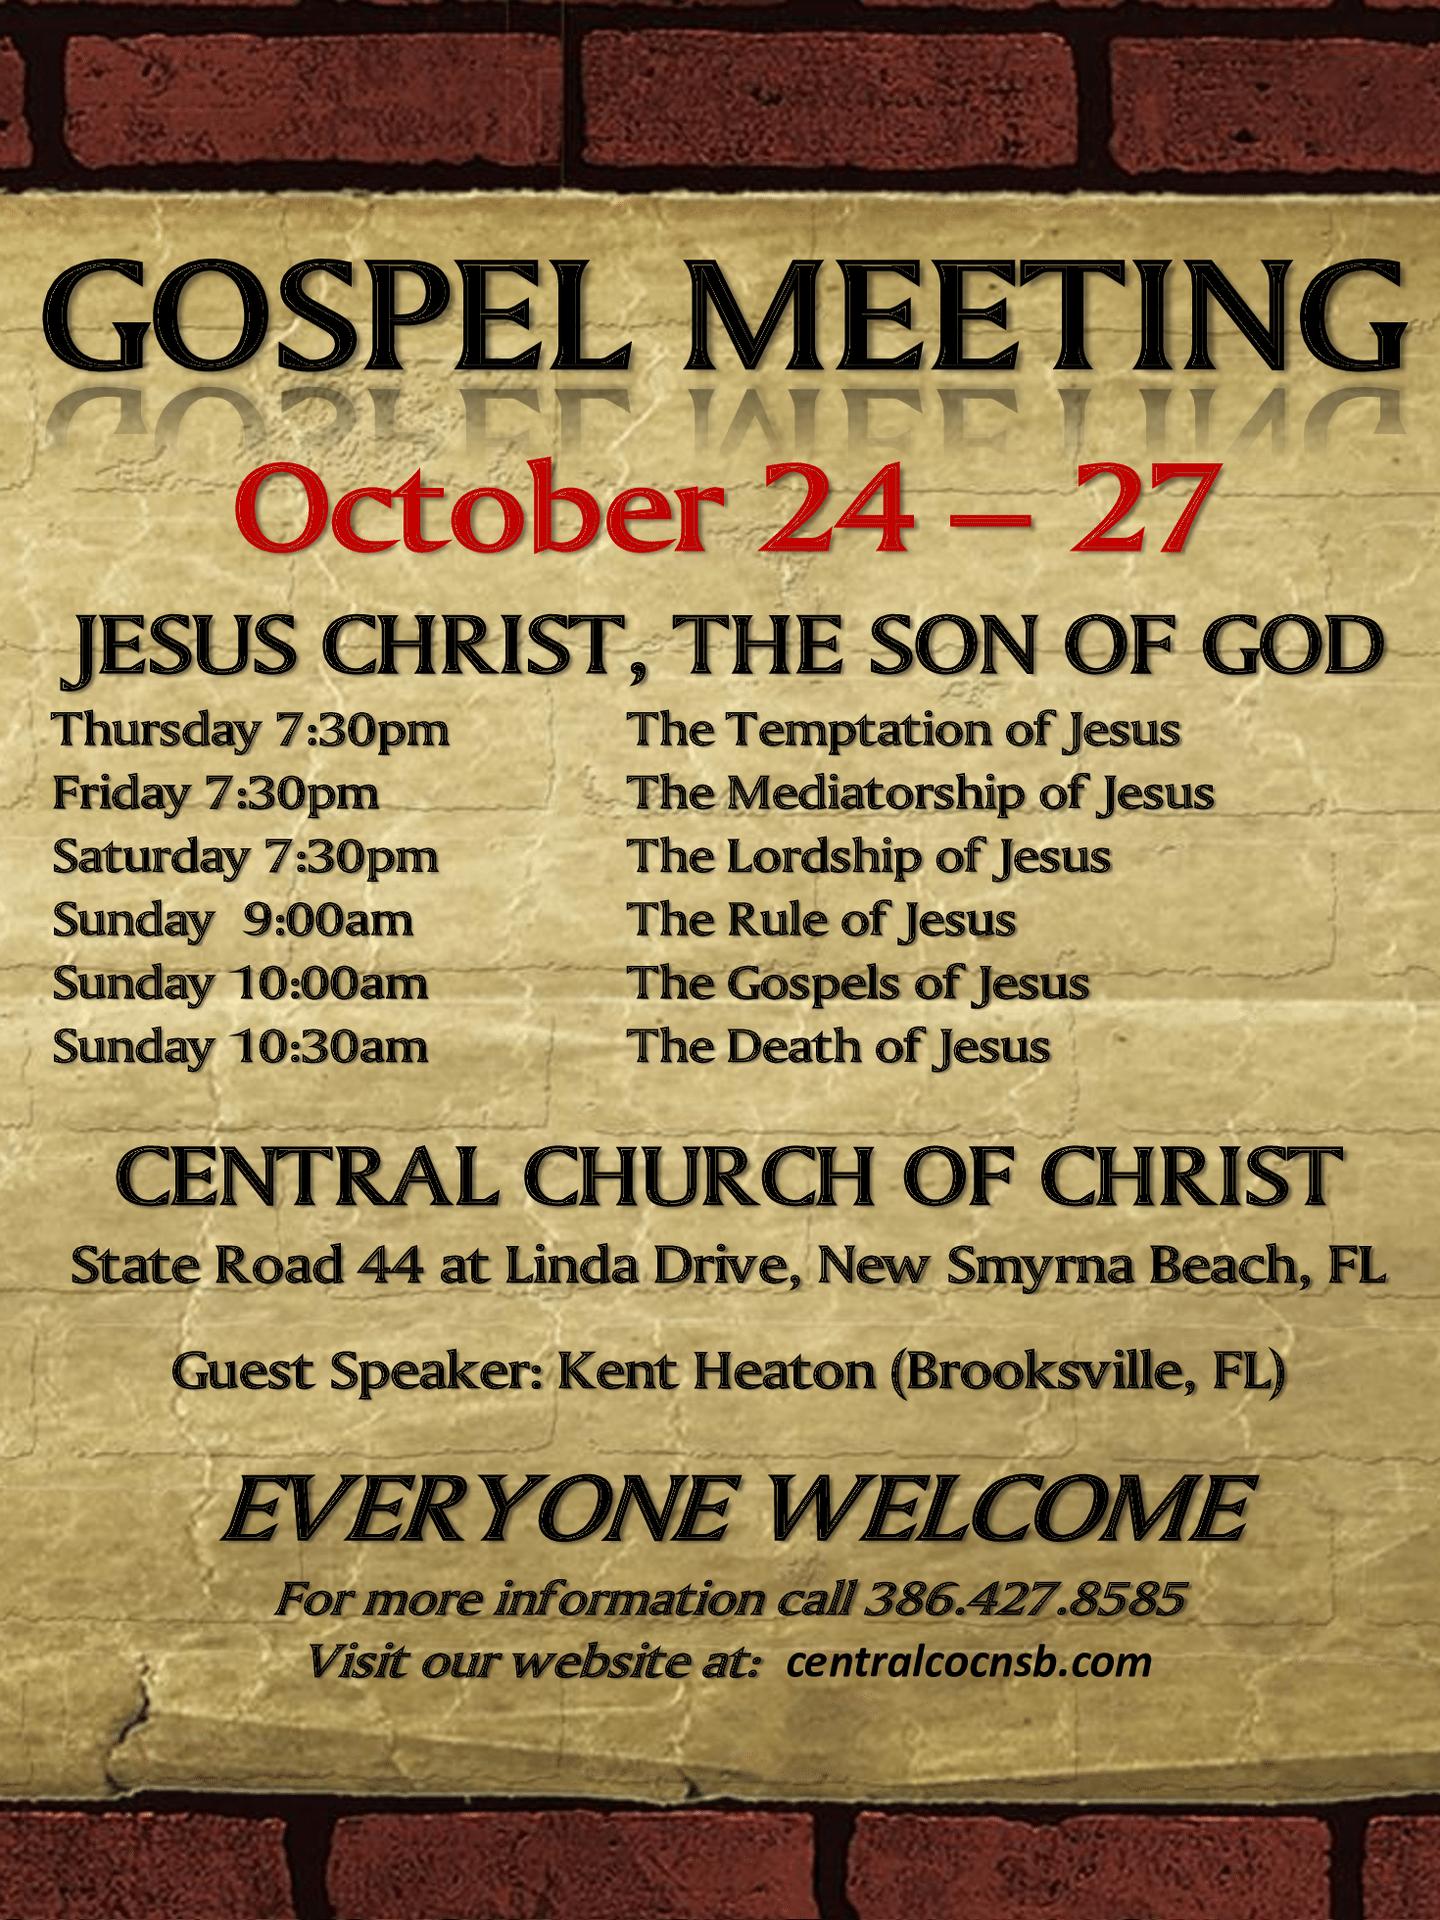 GOSPEL MEETING NEW SMYRNA 2019 October